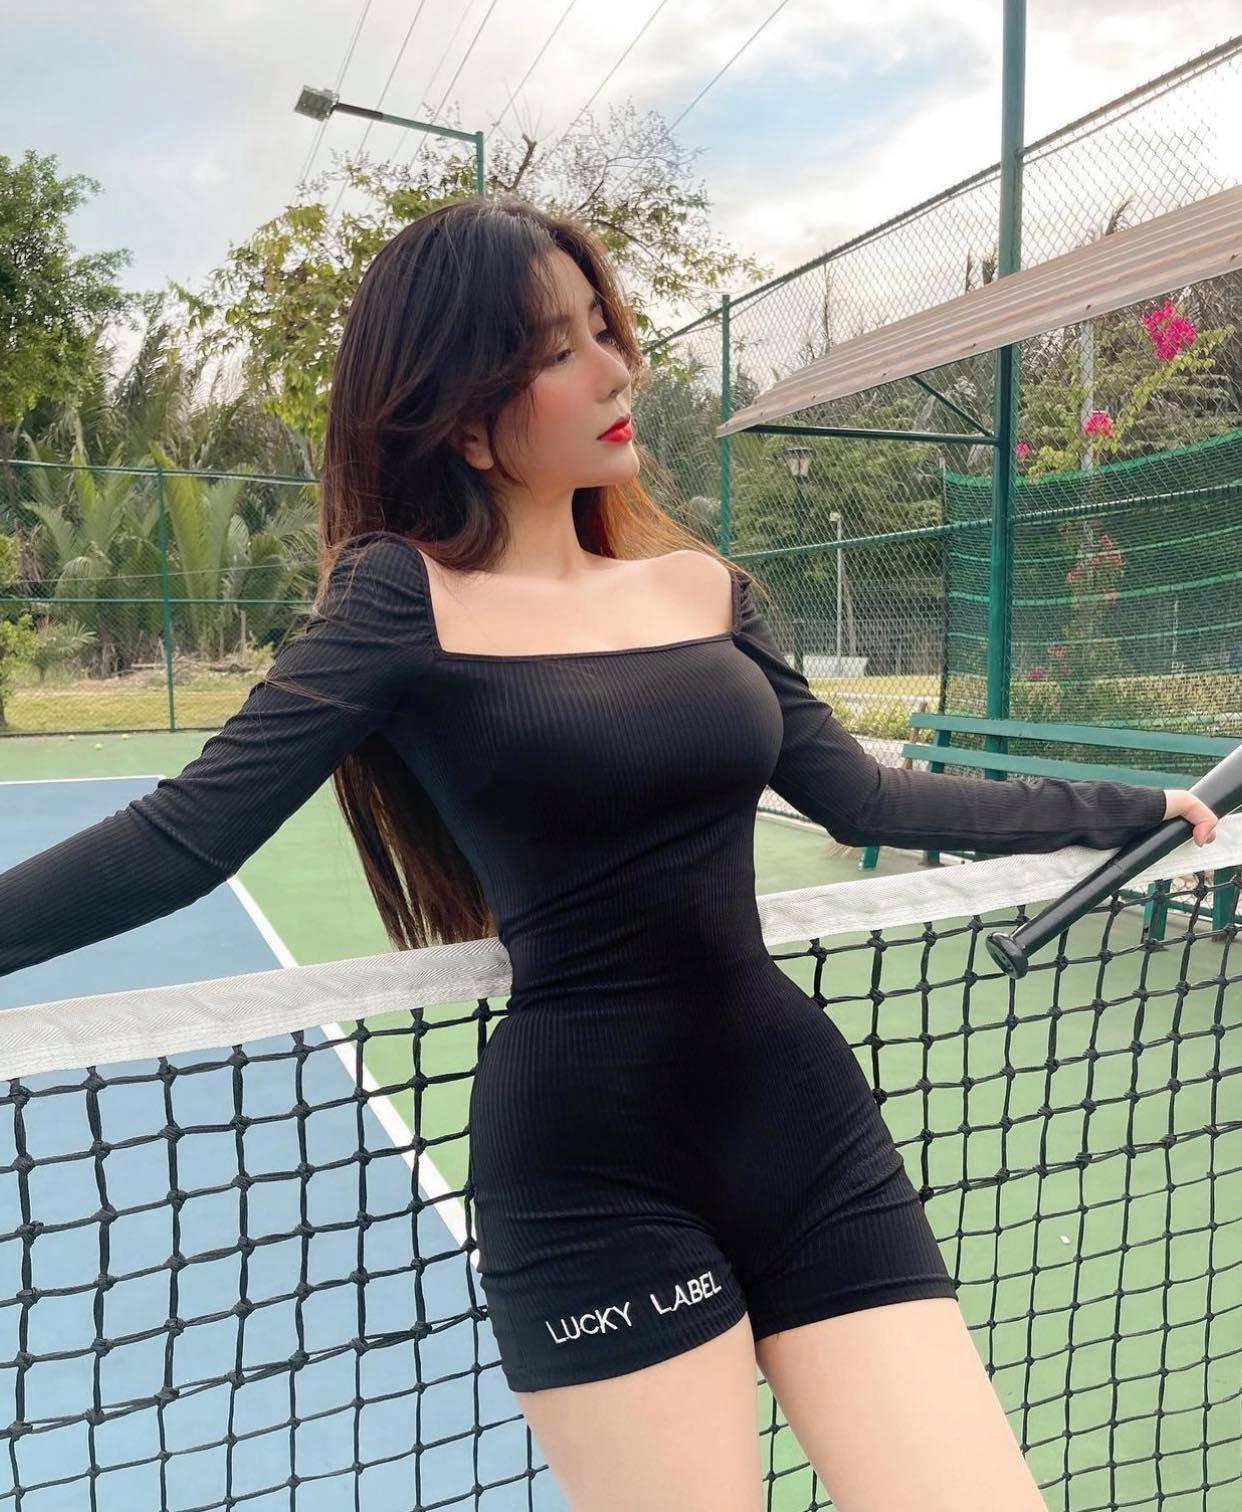 Nữ sinh Võ Ngọc Trân chuyên diện đồ ôm ra sân tennis - 1